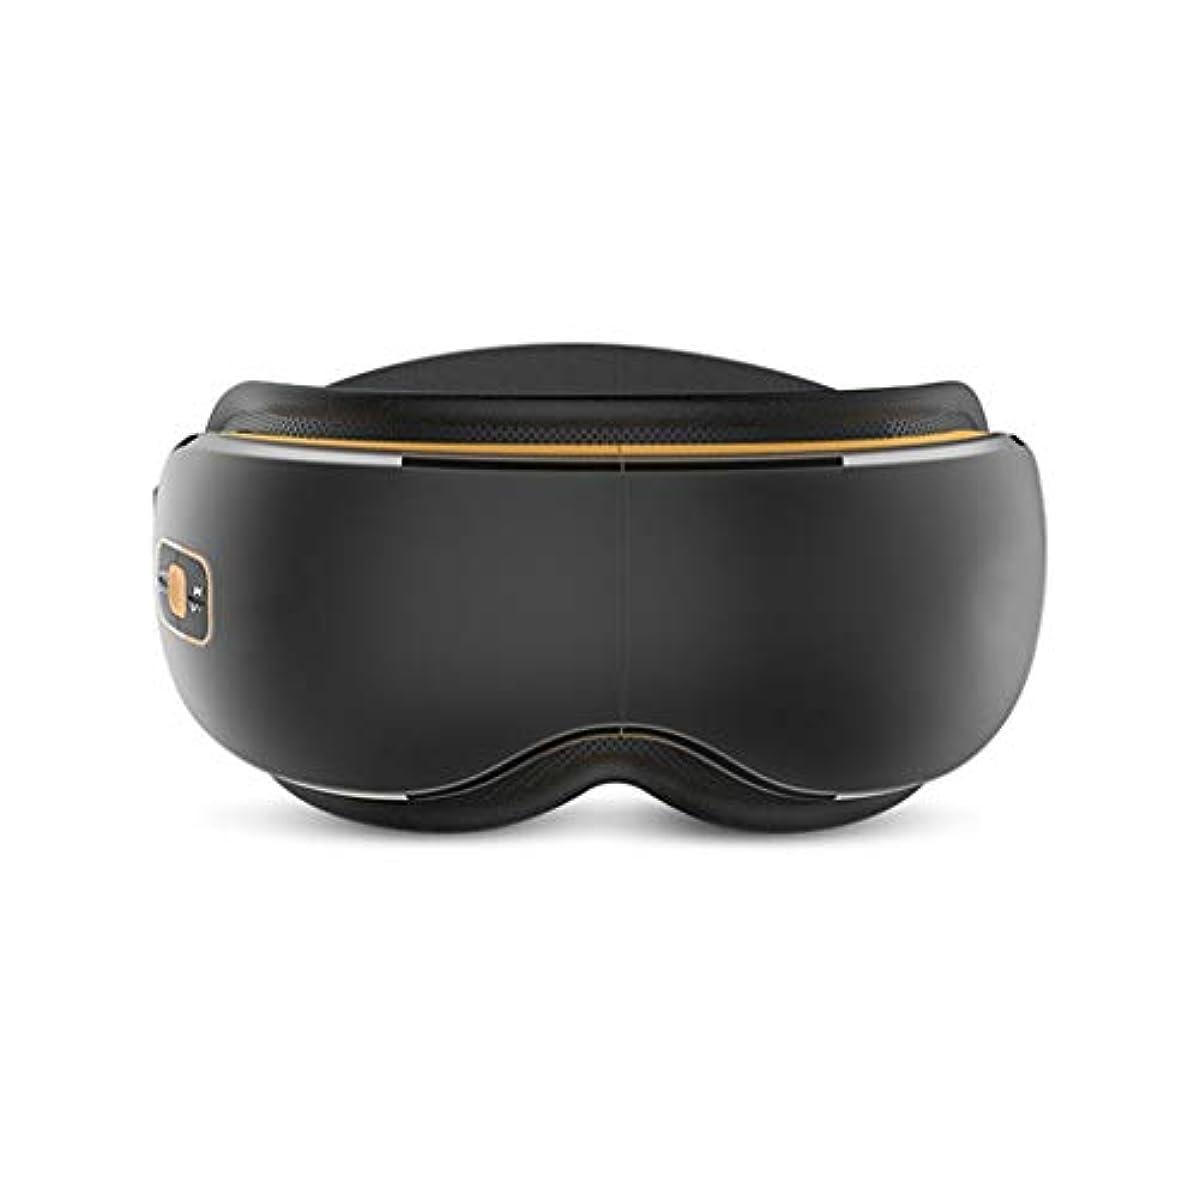 ホームの頭の上側面電気アイマッサージャー振動マッサージ暖房/ラップ/音楽/空気圧縮4つのモードで目をリラックスさせて暗い円を減らし、睡眠を改善するためのヘッドプレッシャーを緩和